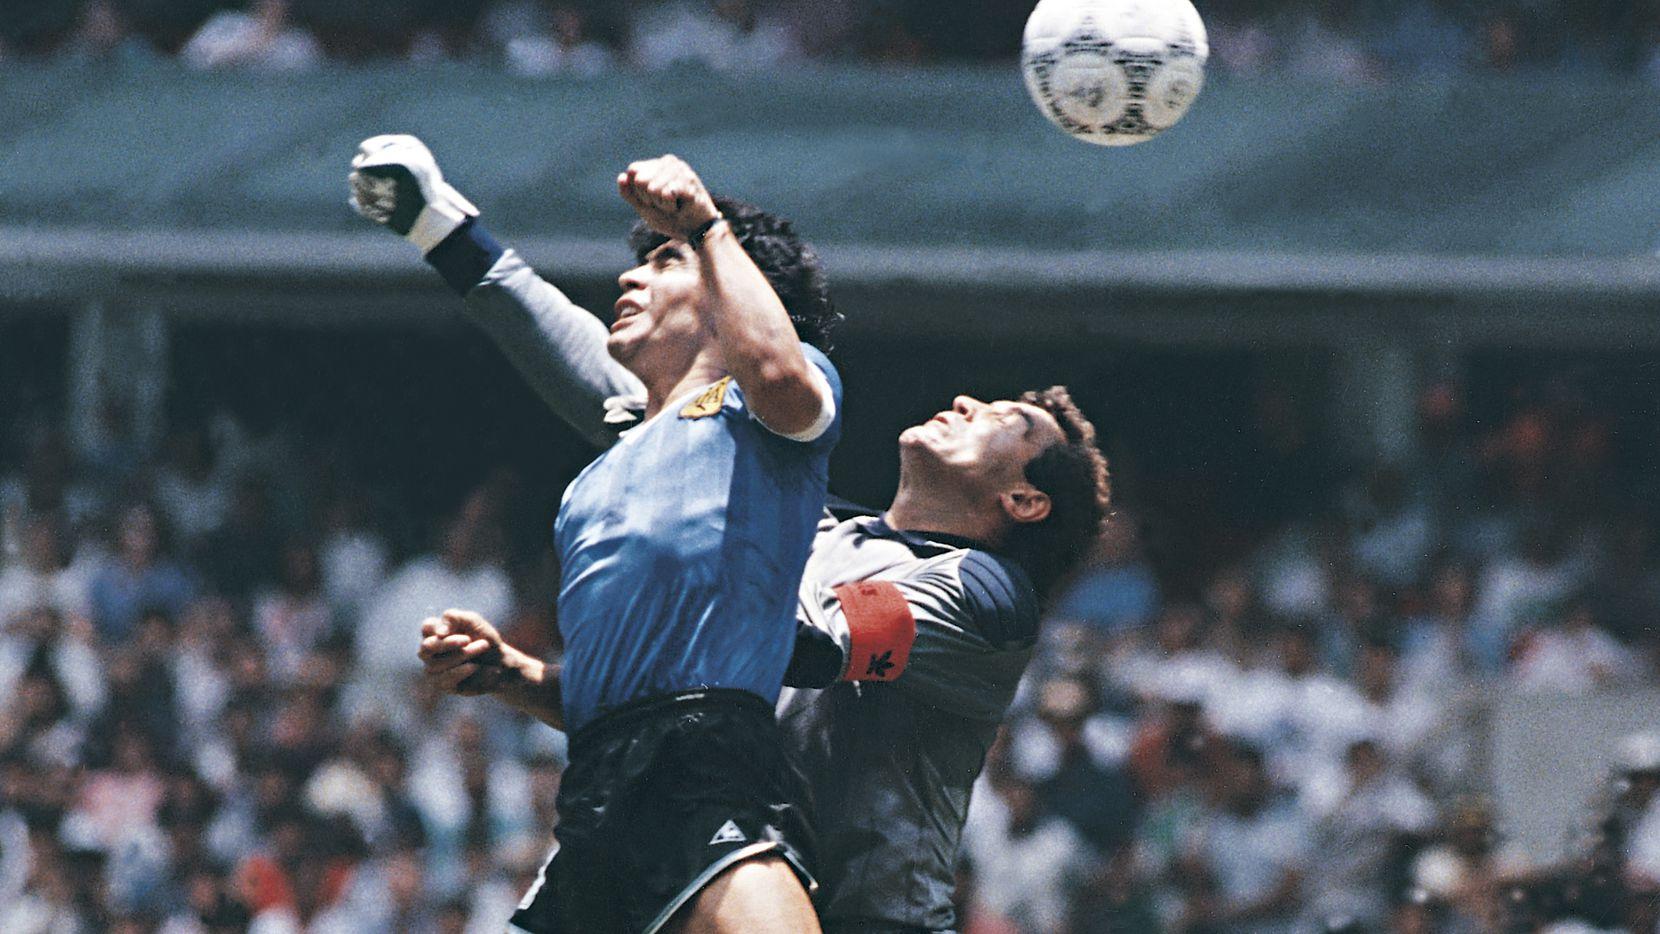 """El gol que Diego Maradona bautizó como la """"Mano de Dios"""" ante Inglaterra en la cancha del Estadio Azteca, en la Copa del Mundo de México 1986."""